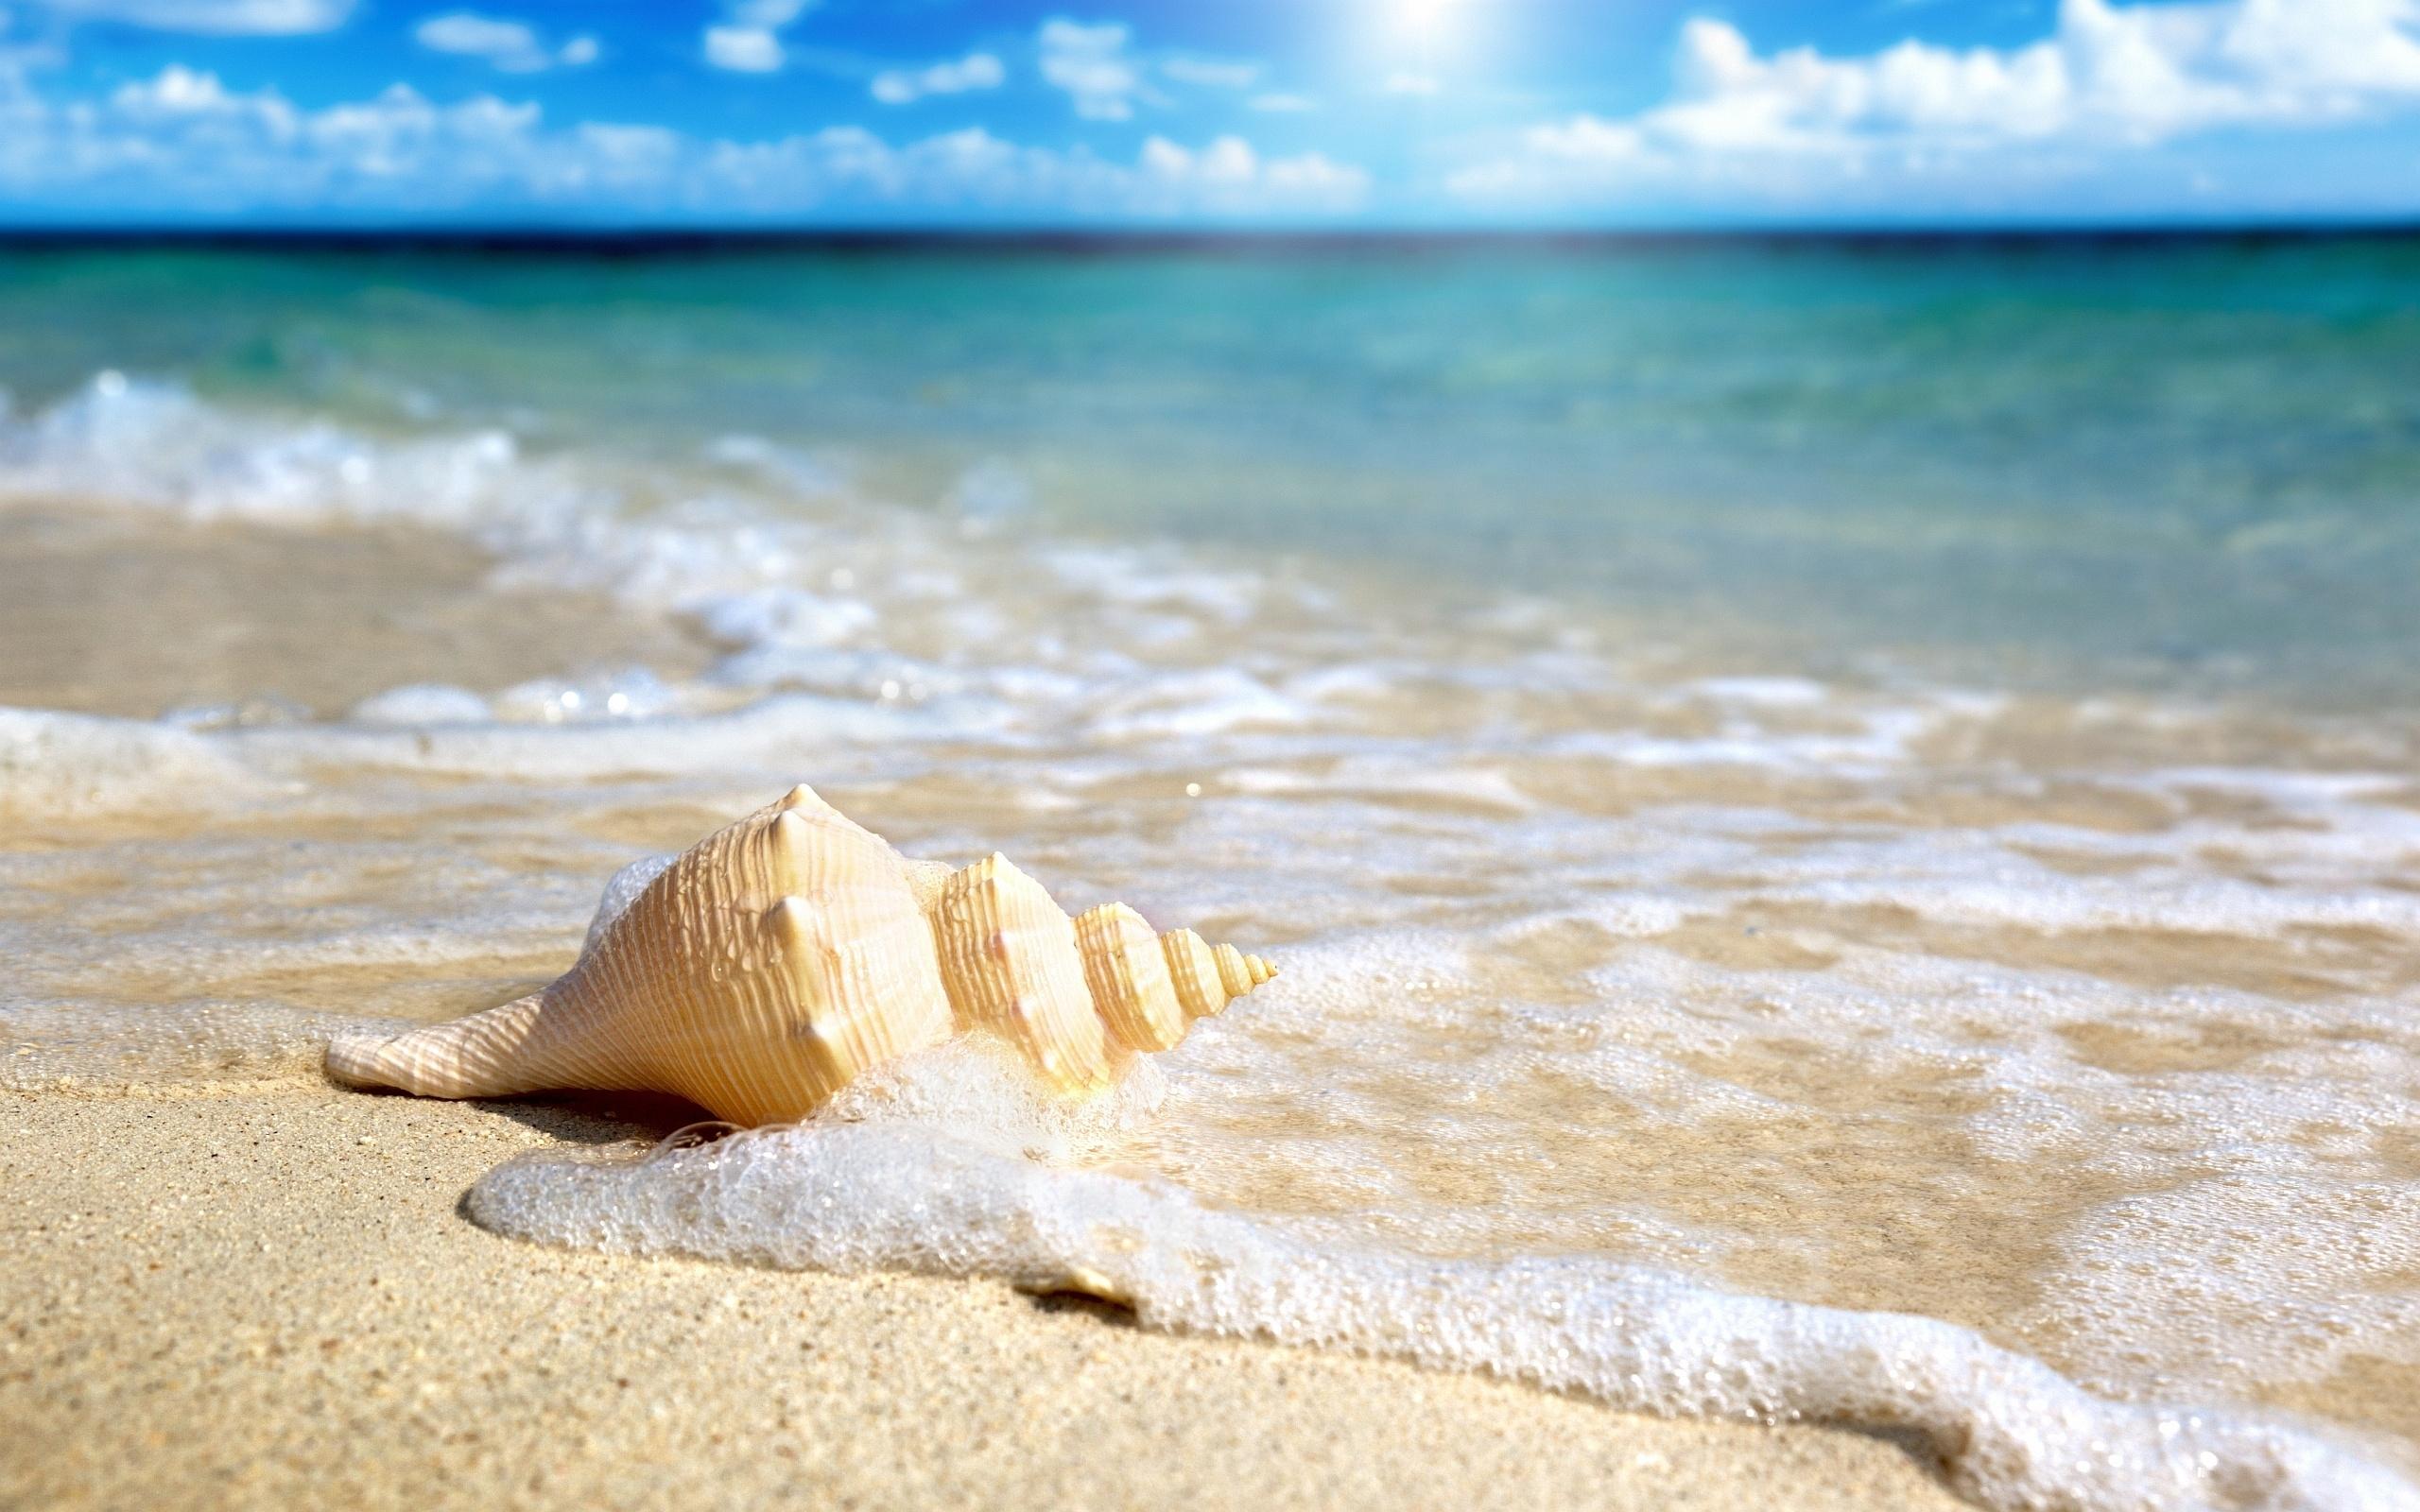 wonderful beach shell wallpaper 41192 2560x1600 px ~ hdwallsource